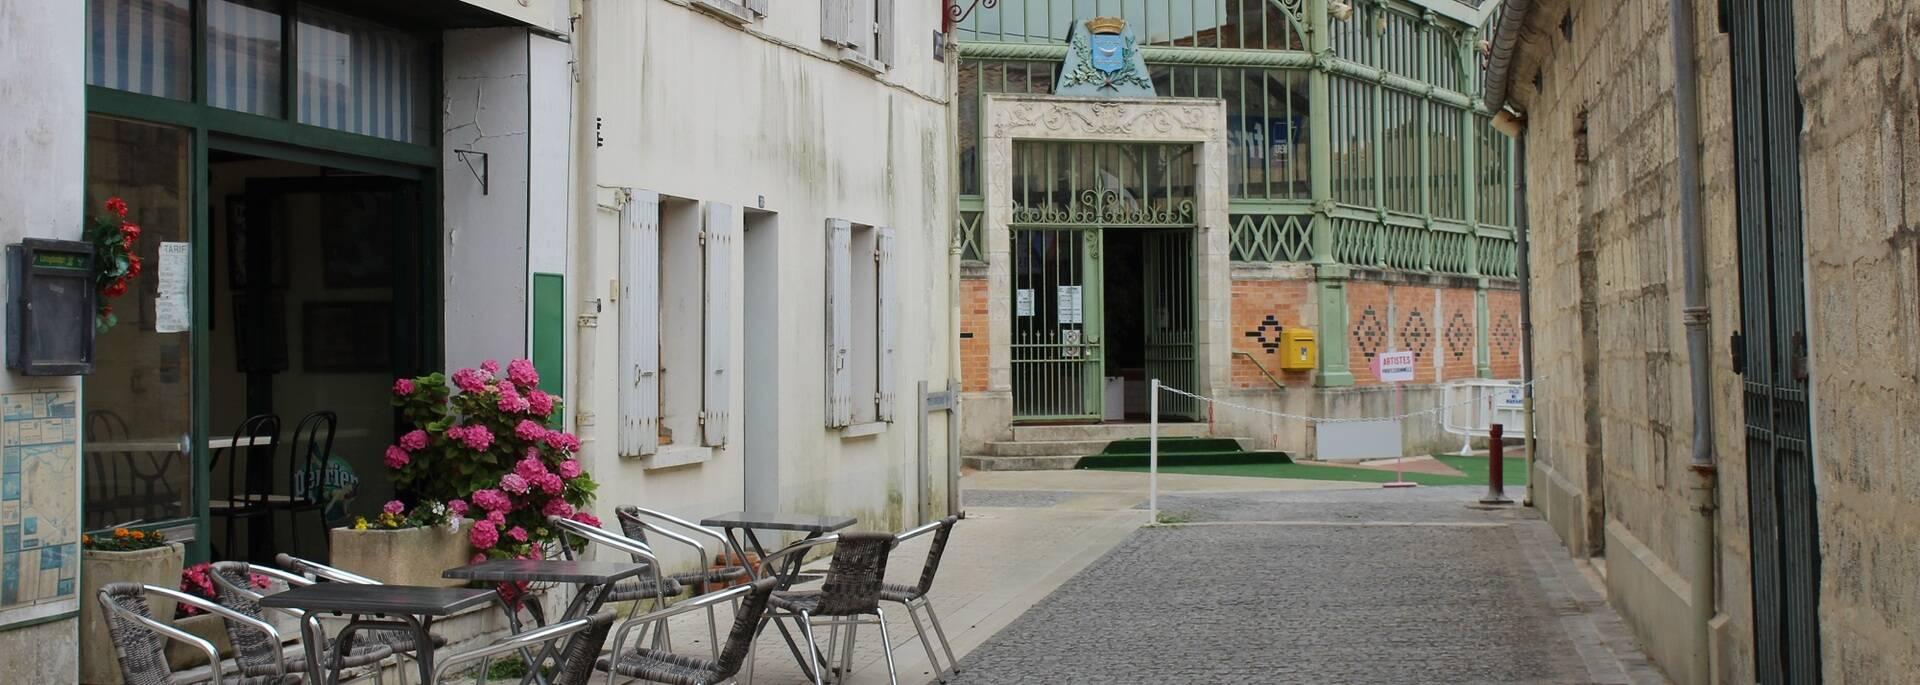 La halle du marché et le centre-ville de Marans - ©P.Migaud / FDHPA17